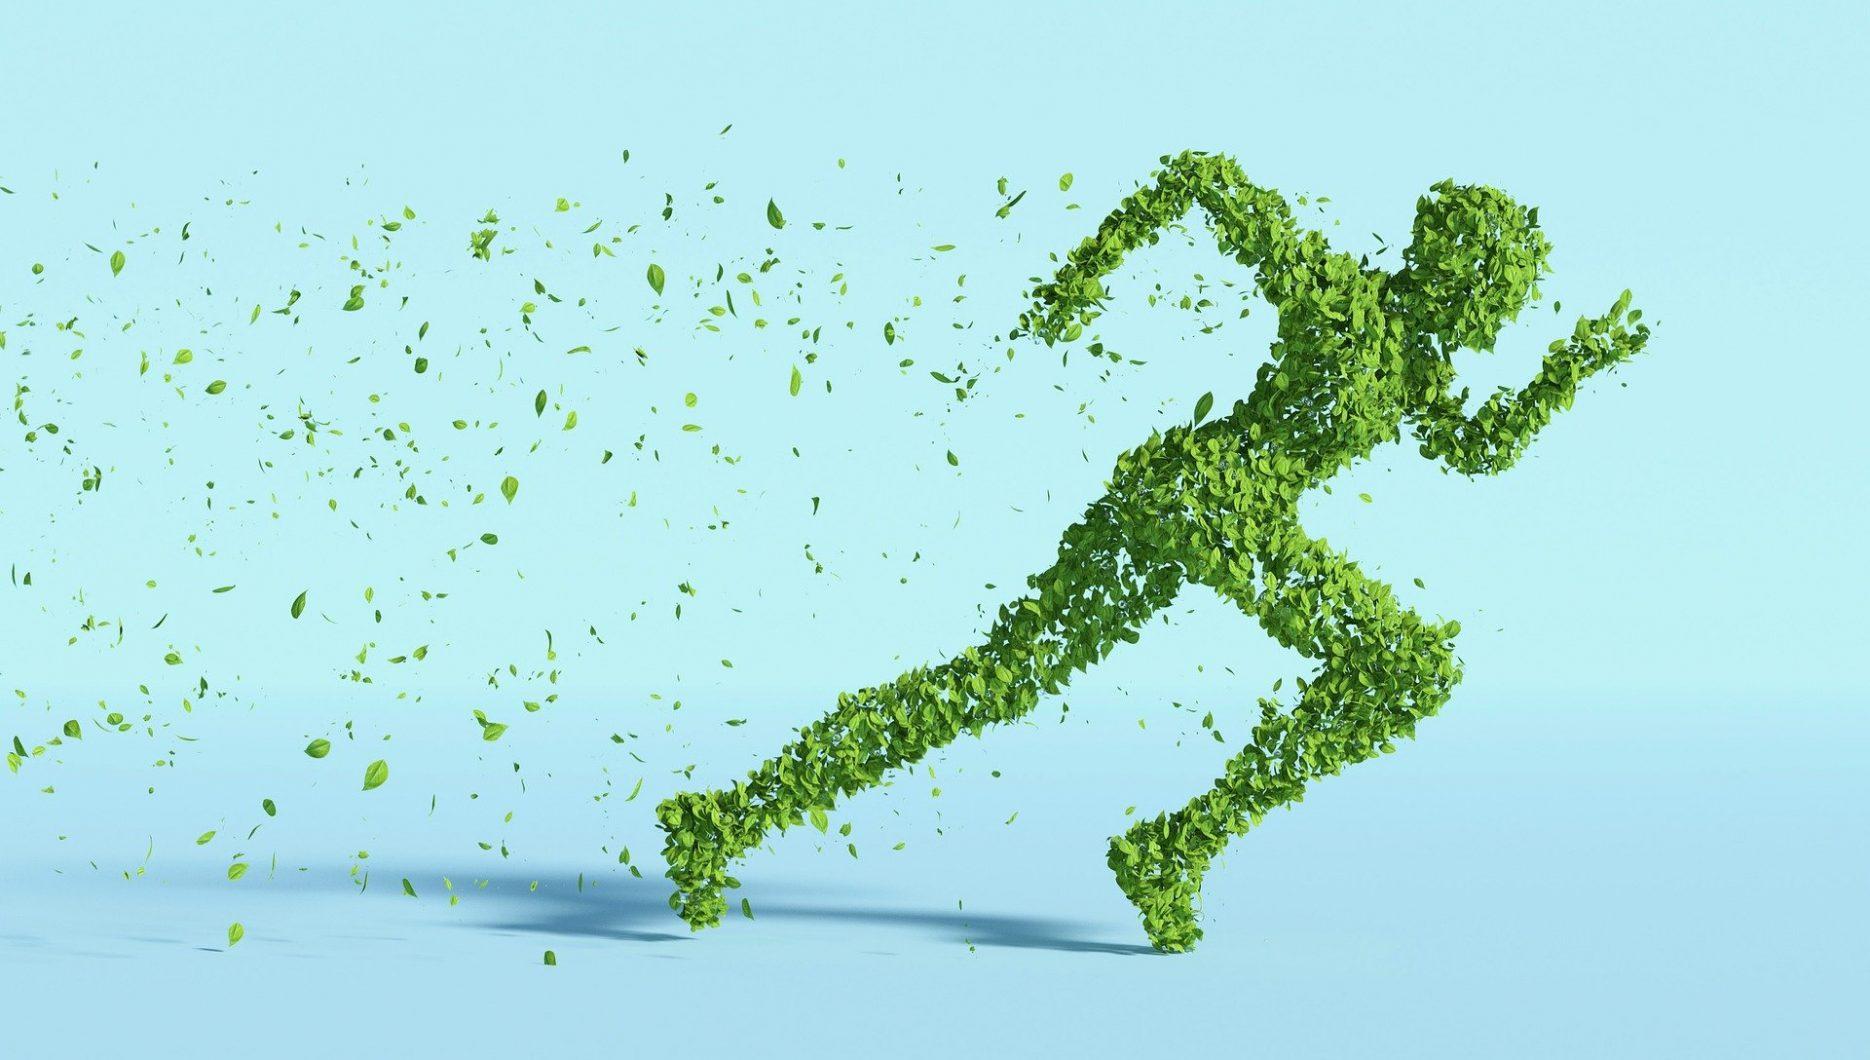 Das Bild zeigt eine sprintende Person, die aus grünen Blättern besteht.